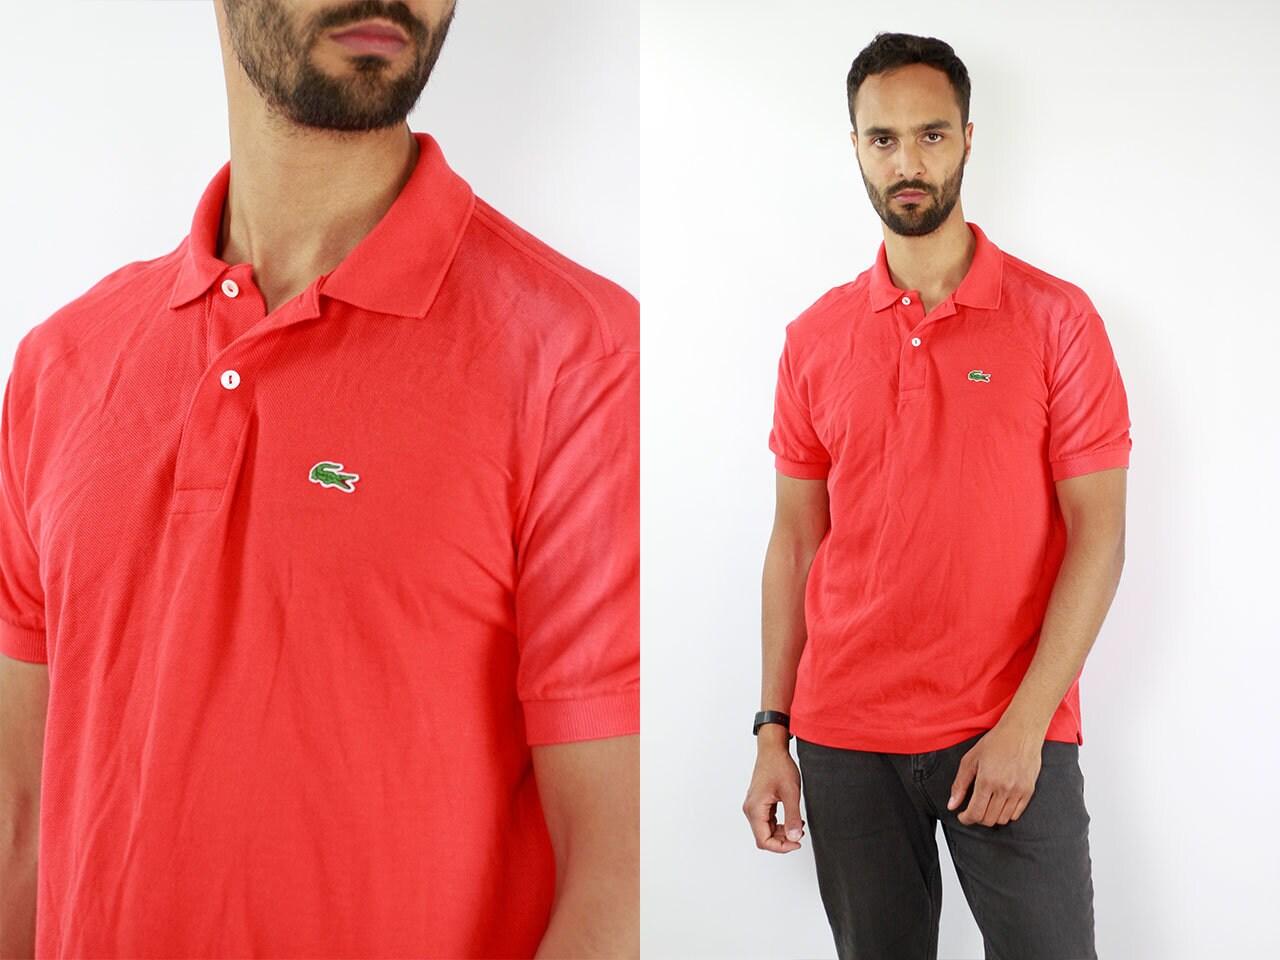 Lacoste Poloshirt 90s Lacoste Polo Shirt Lacoste Red Poloshirt